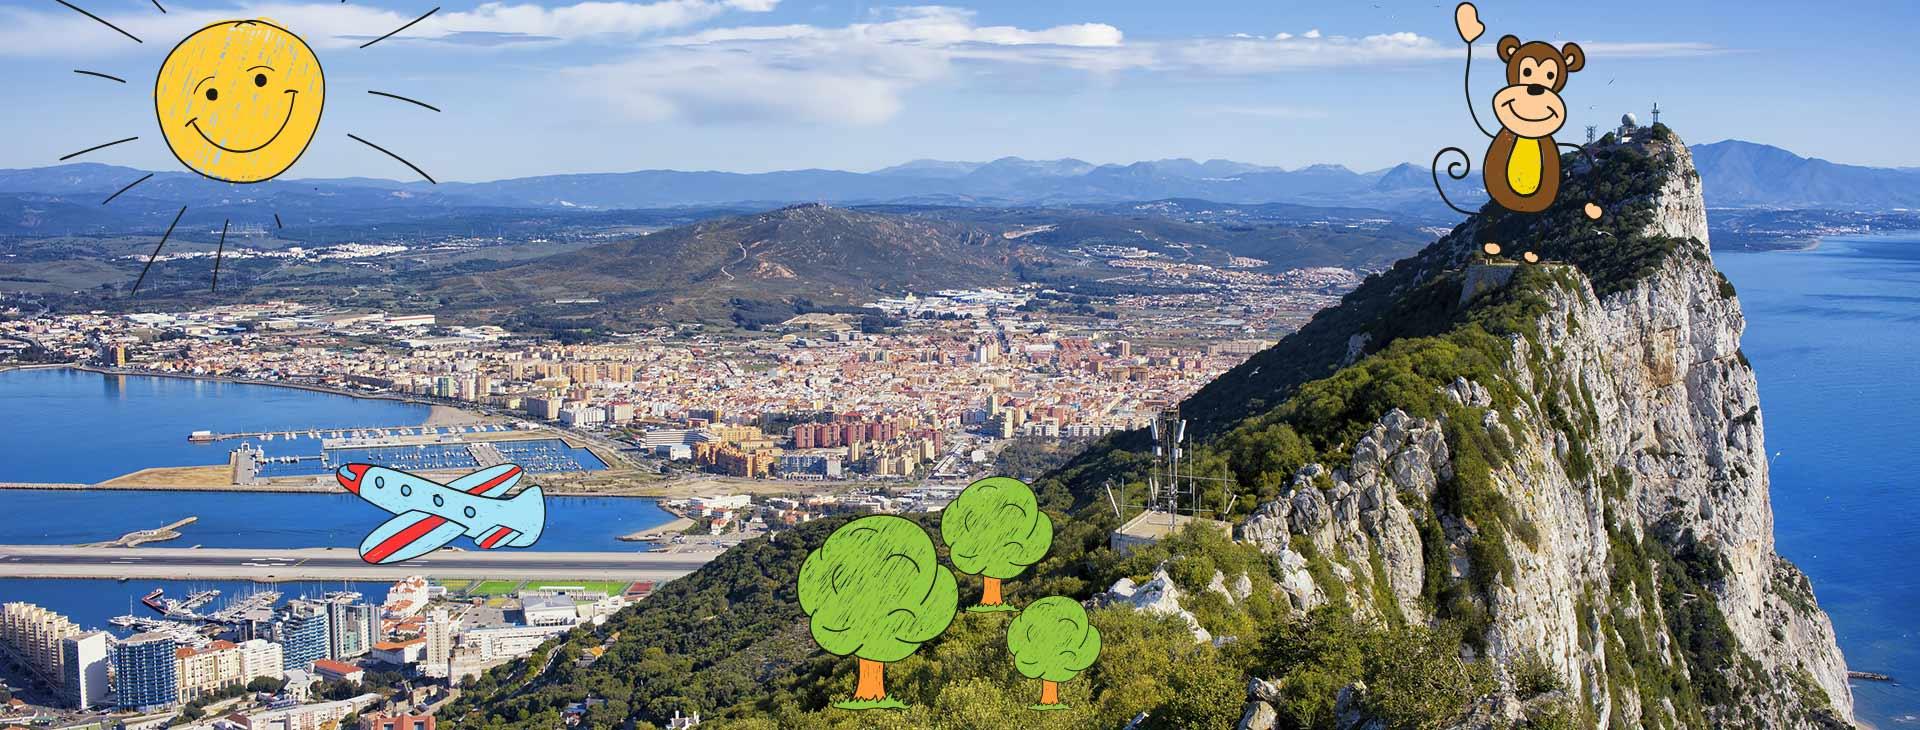 Andaluzja - dla Małych i Dużych Podróżników Hiszpania, Wyc. objazdowe